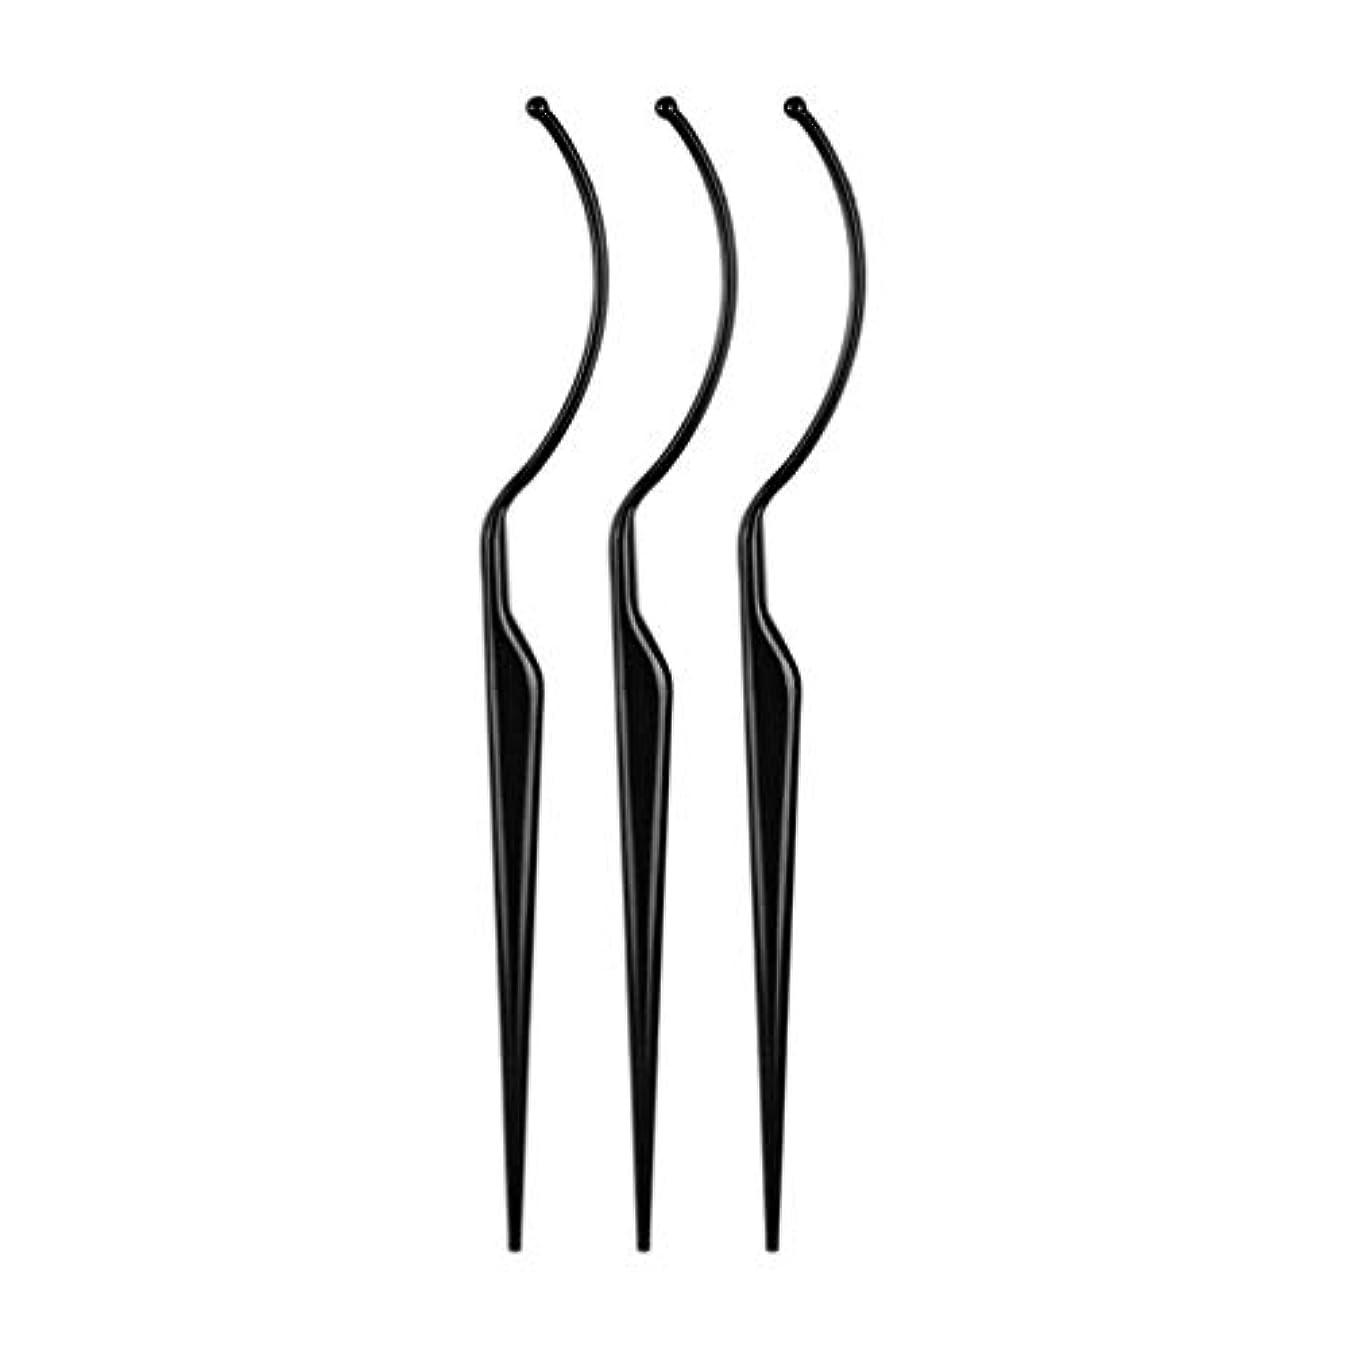 ペイントお客様ハミングバードまつげ ディスプレイ まつげ エクステンション ピンセット つけまつげ専用ピンセット 耐久性 軽量 全2色 - ブラック